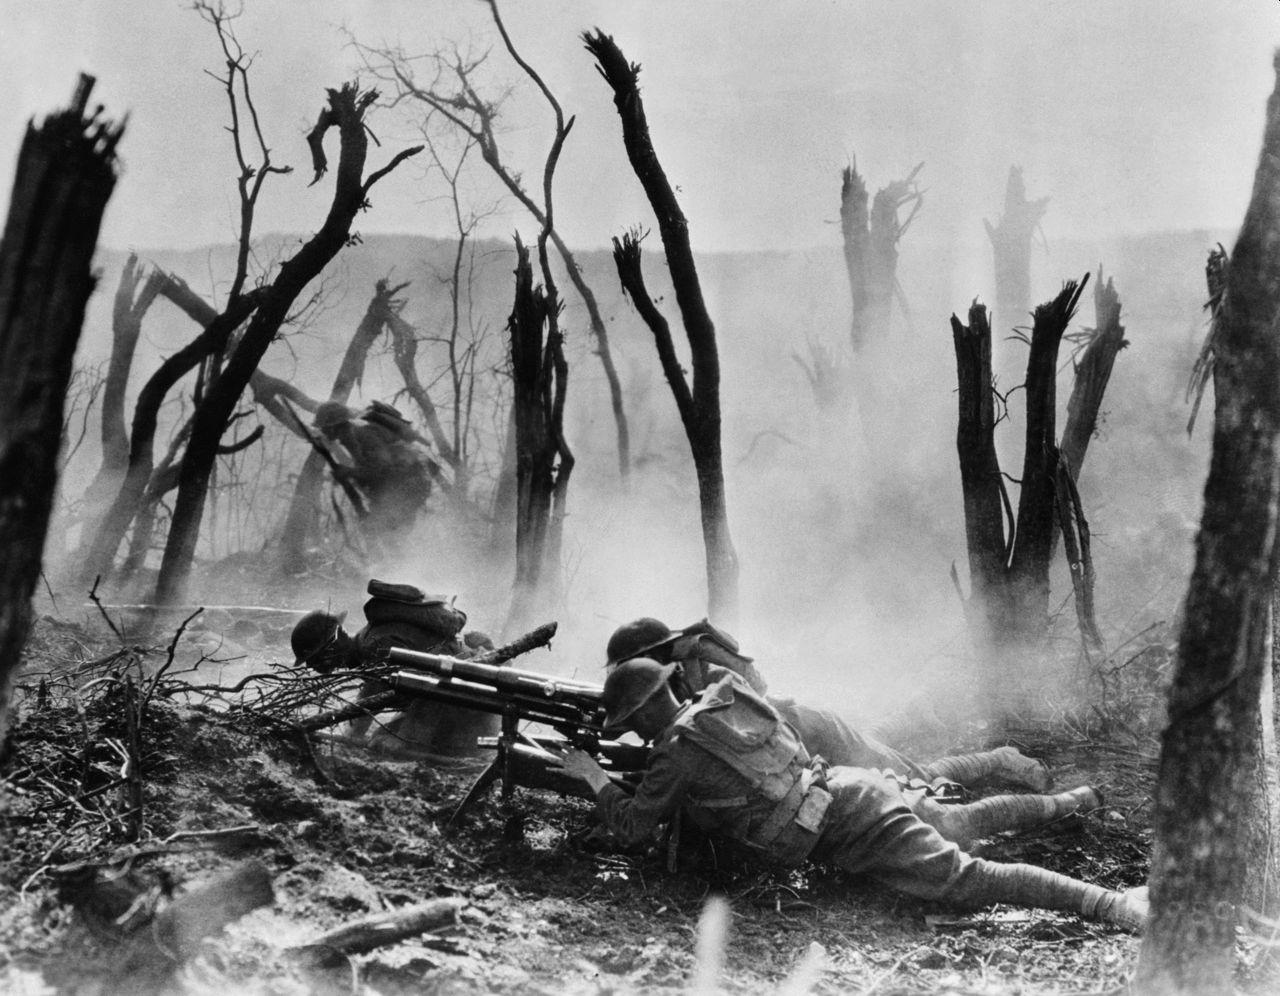 """Το """"χαμένο τάγμα"""" των Αμερικανών που εγκλωβίστηκε στο δάσος της Αργκόν και έδωσε την τελευταία μάχη του Α΄ Παγκοσμίου. Το τέλος του διοικητή μετά τον πόλεμο"""